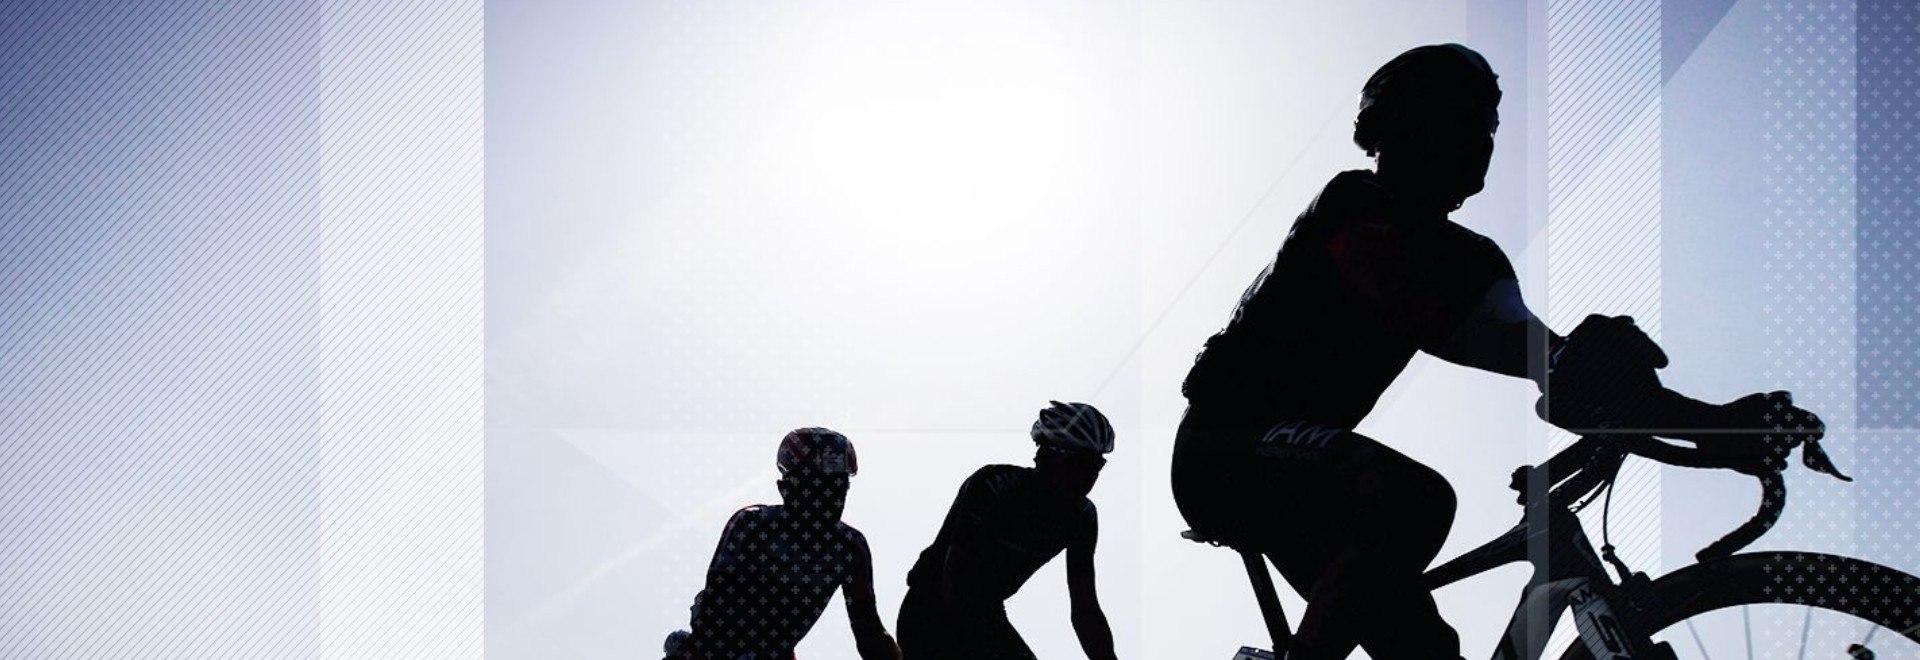 Parigi - Roubaix 2006